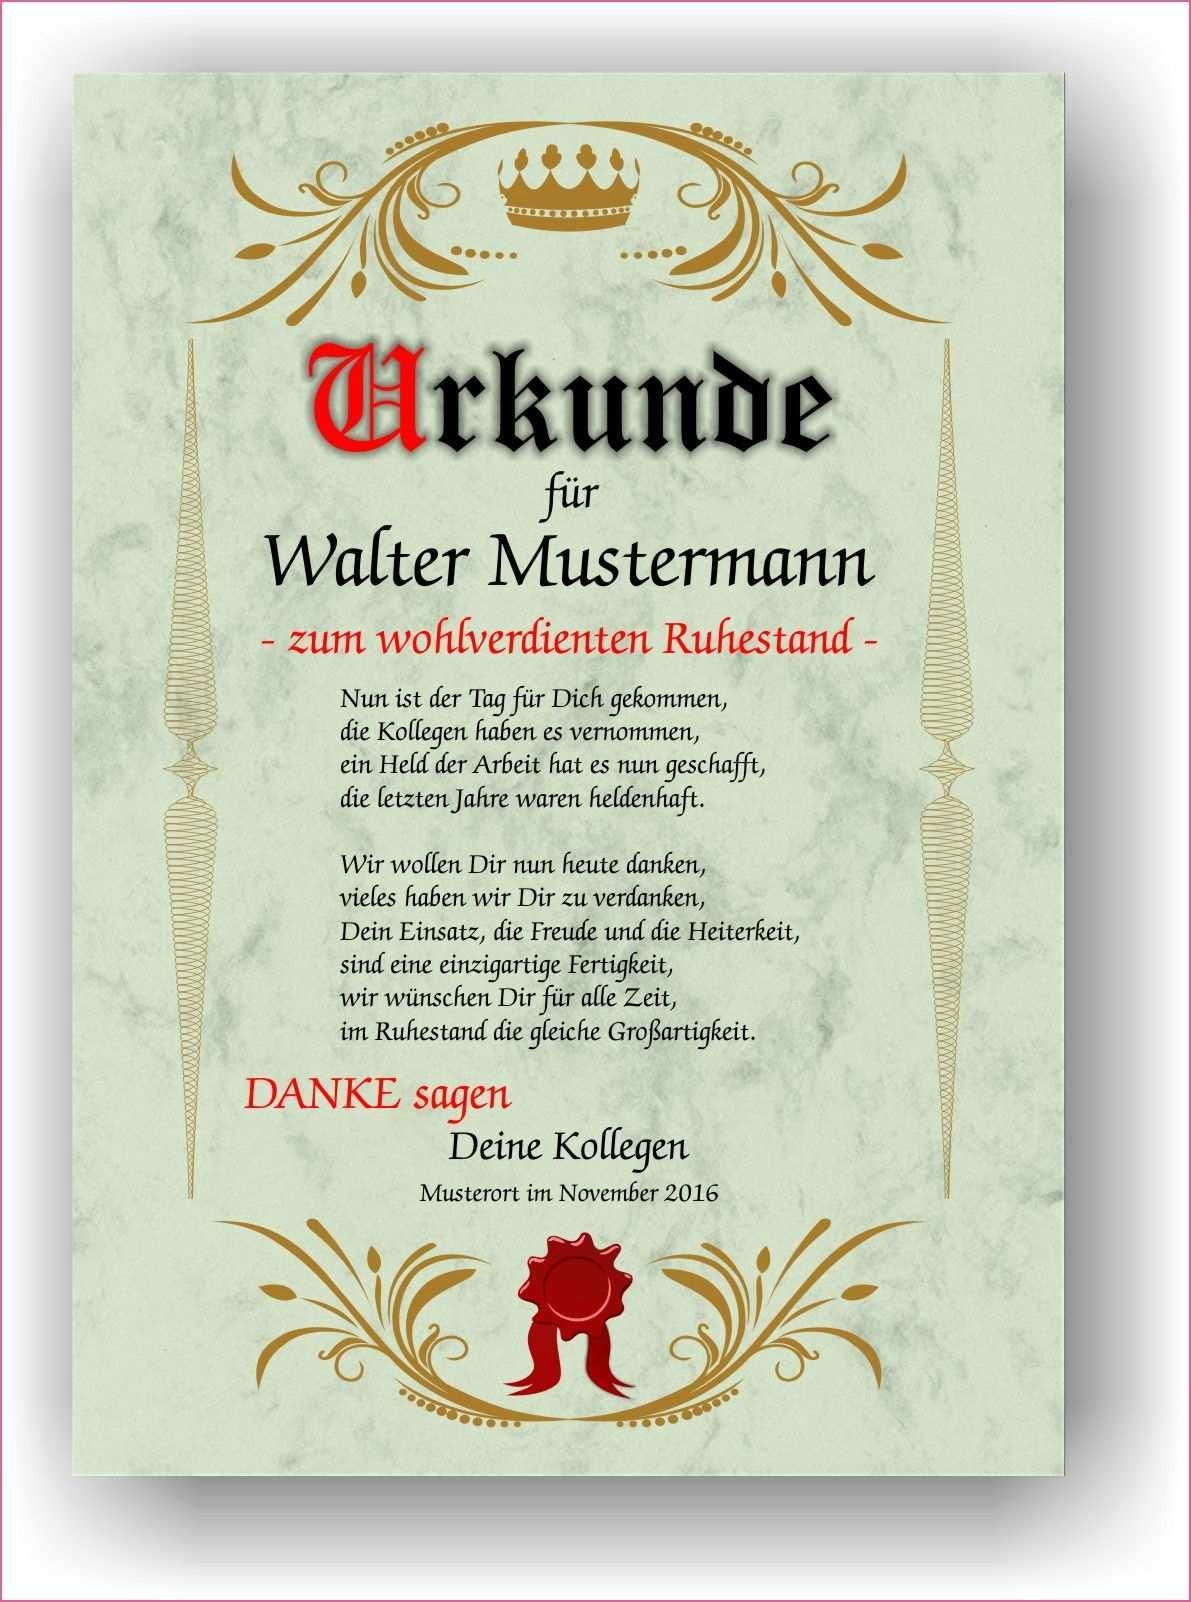 Genial Gedicht Abschied Kollegin Jobwechsel Spruche Zum Abschied Kollegen Gedicht Abschied Kollege Abschied Kollegen